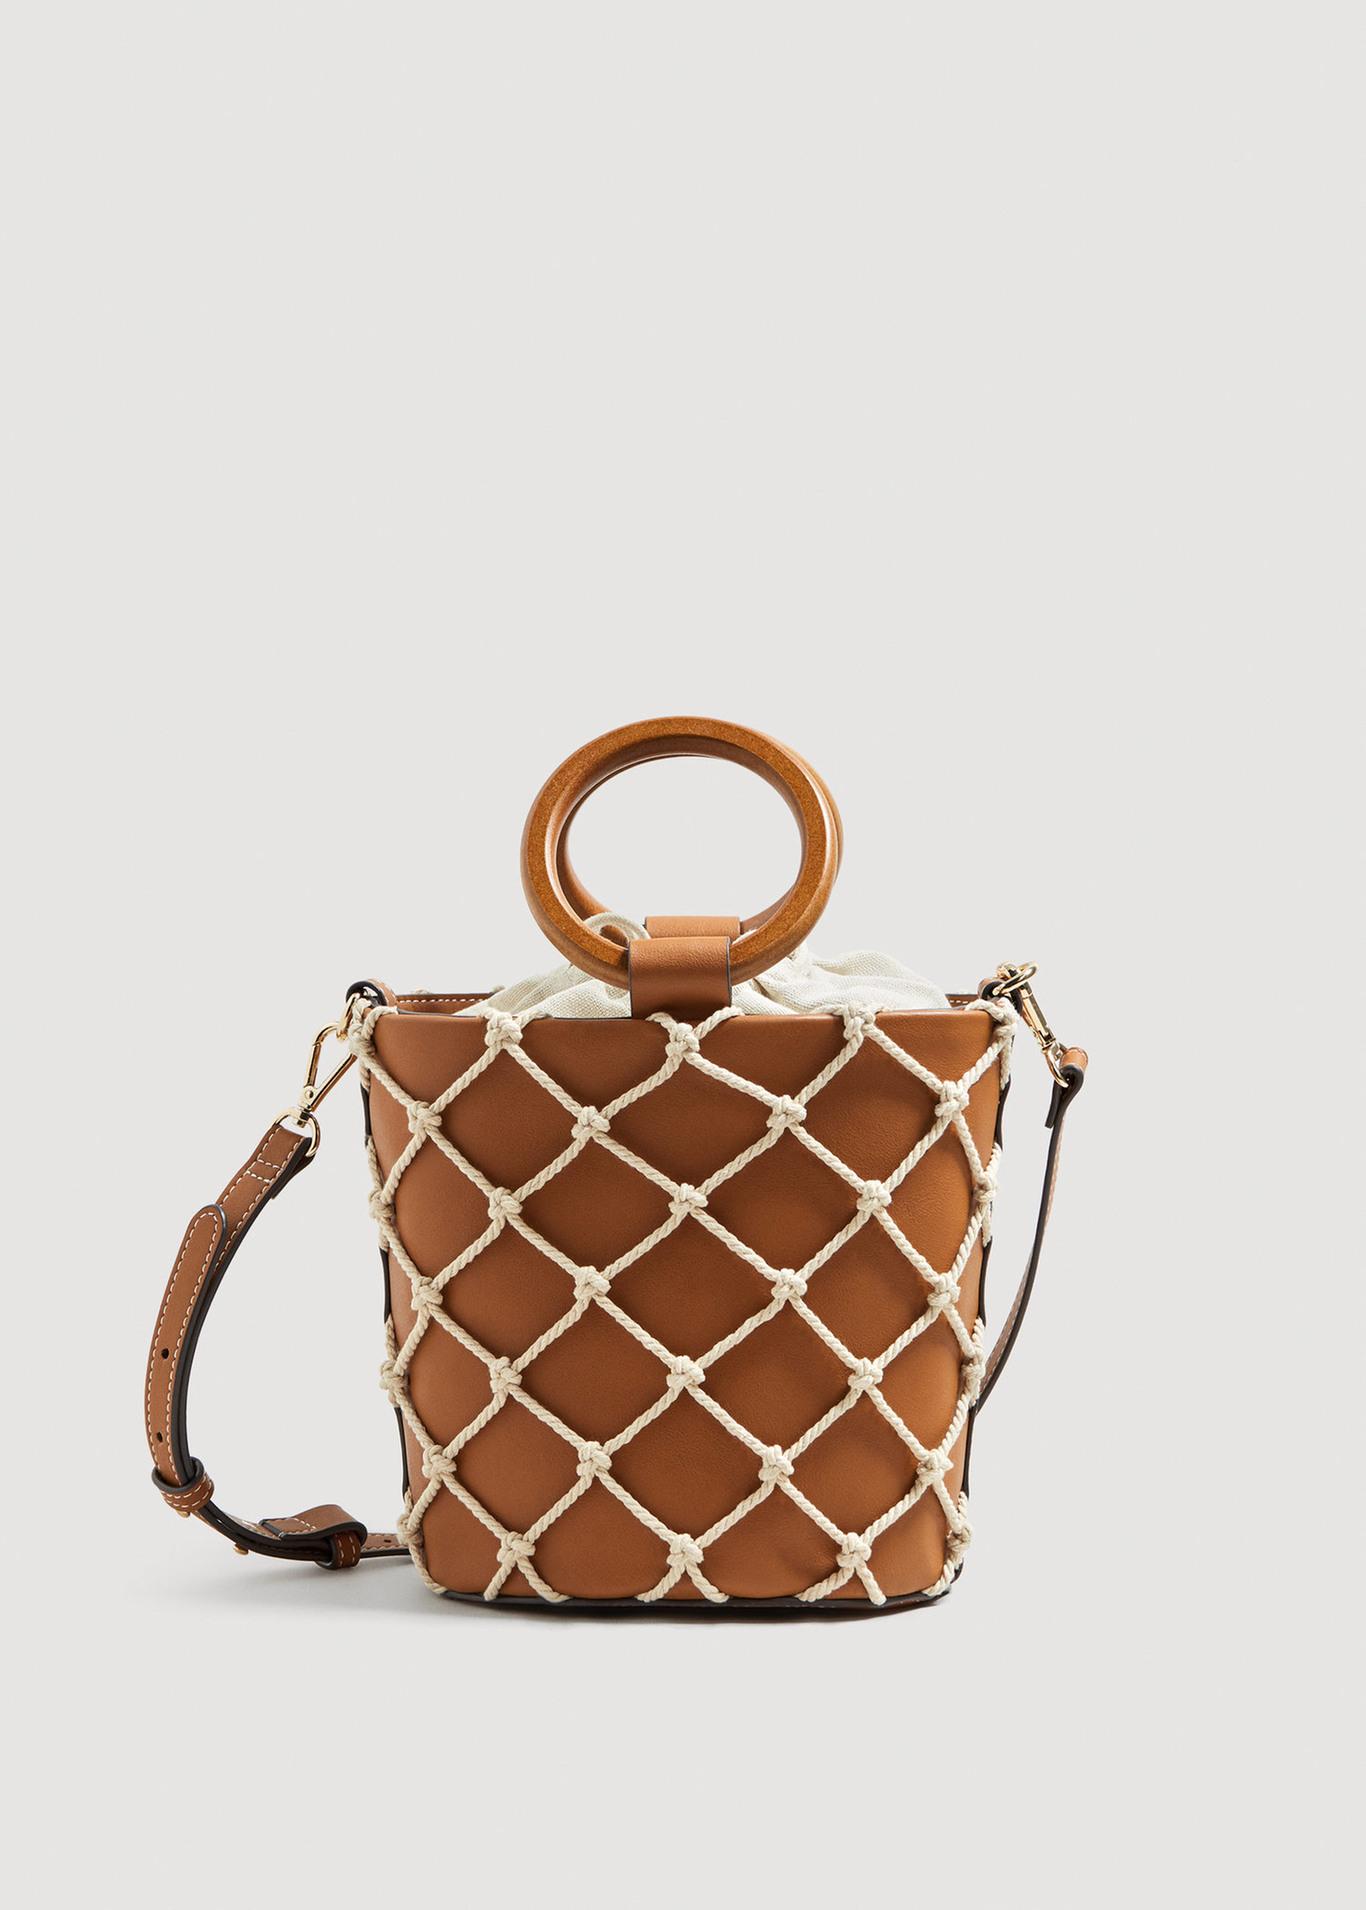 Net Tote Bag - £49.99 at Mango